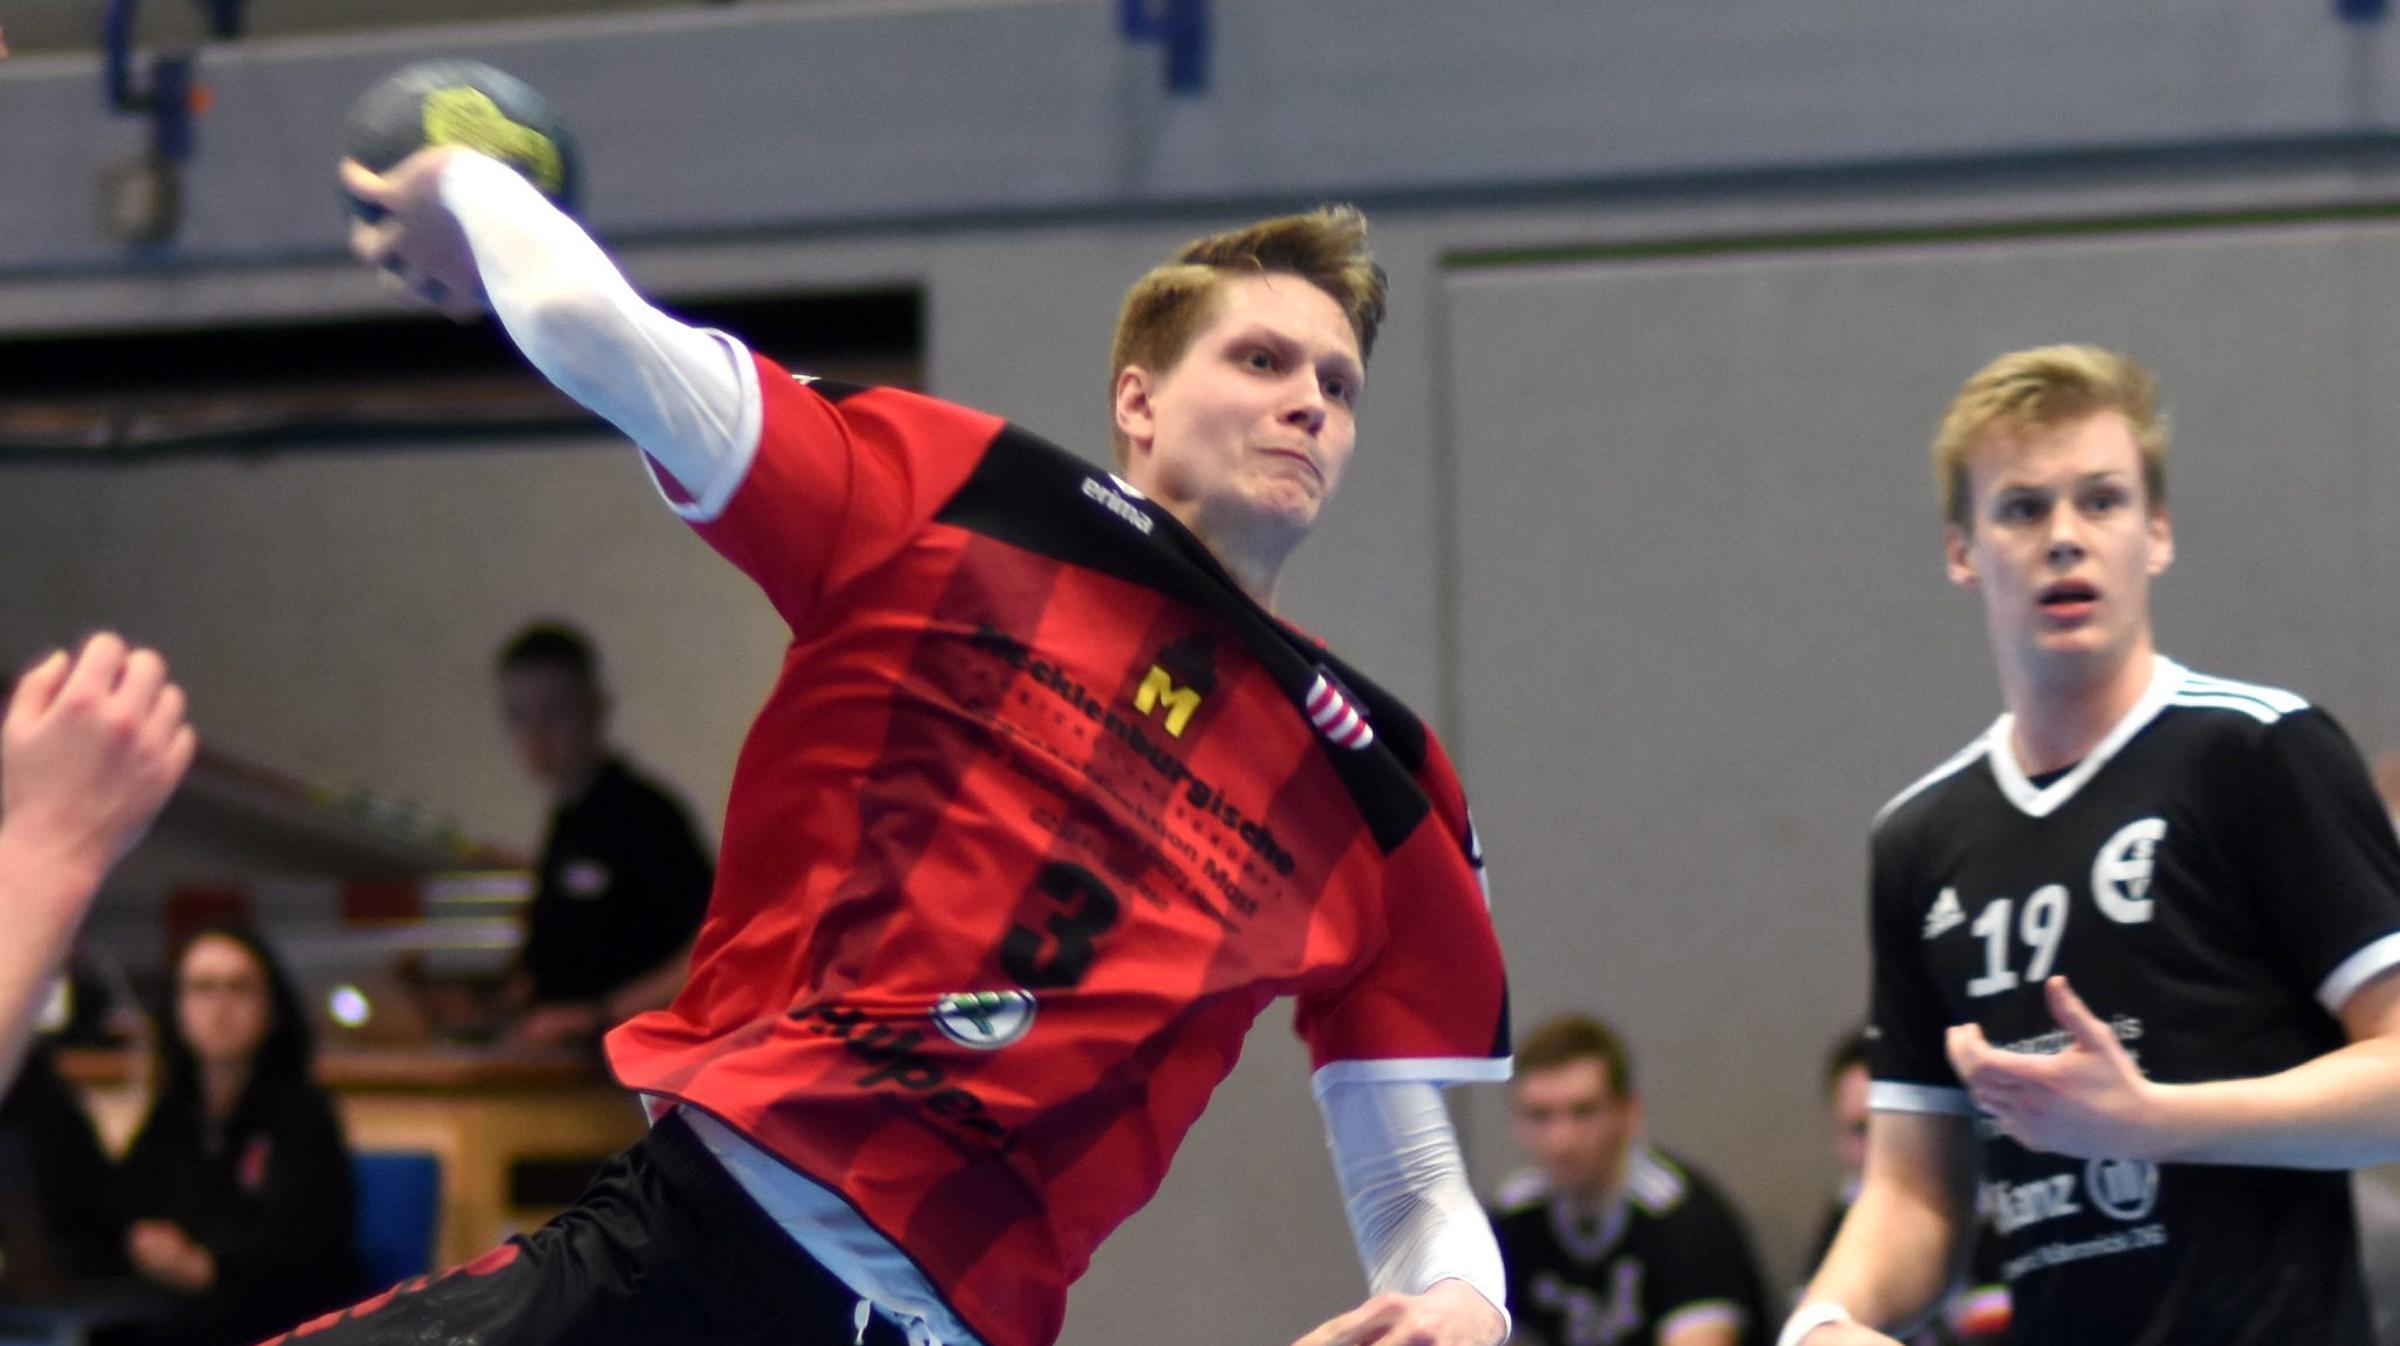 Mit neun Toren war Jonas Gerke einer der Schlüsselspieler beim Sieg des RSV gegen den Kreisrivalen aus Dolberg.© Boris Baur